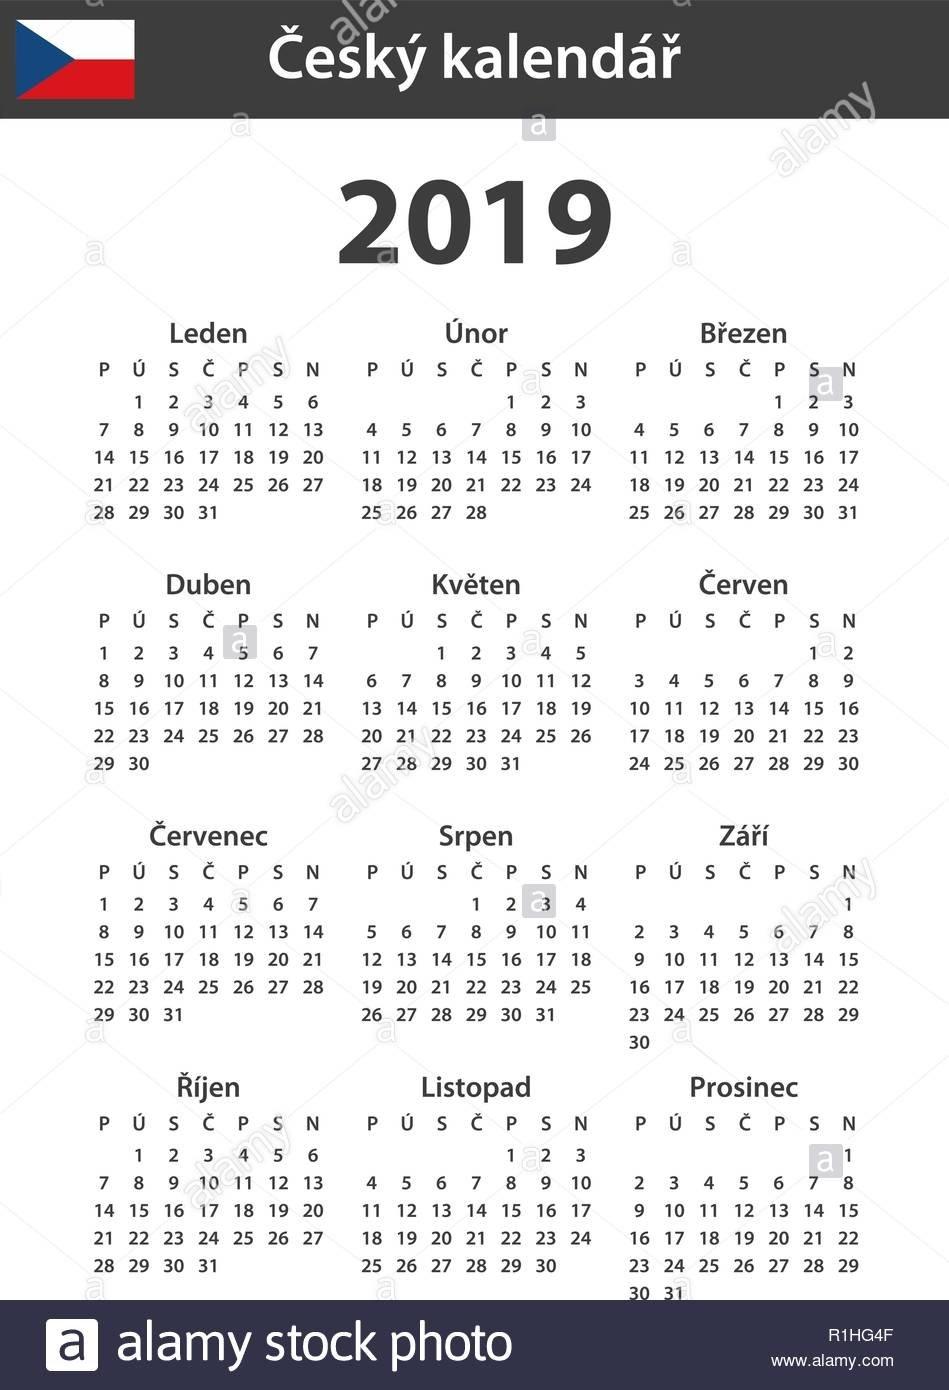 Czech Calendar For 2019. Scheduler, Agenda Or Diary Template. Week P 2019 Calendar